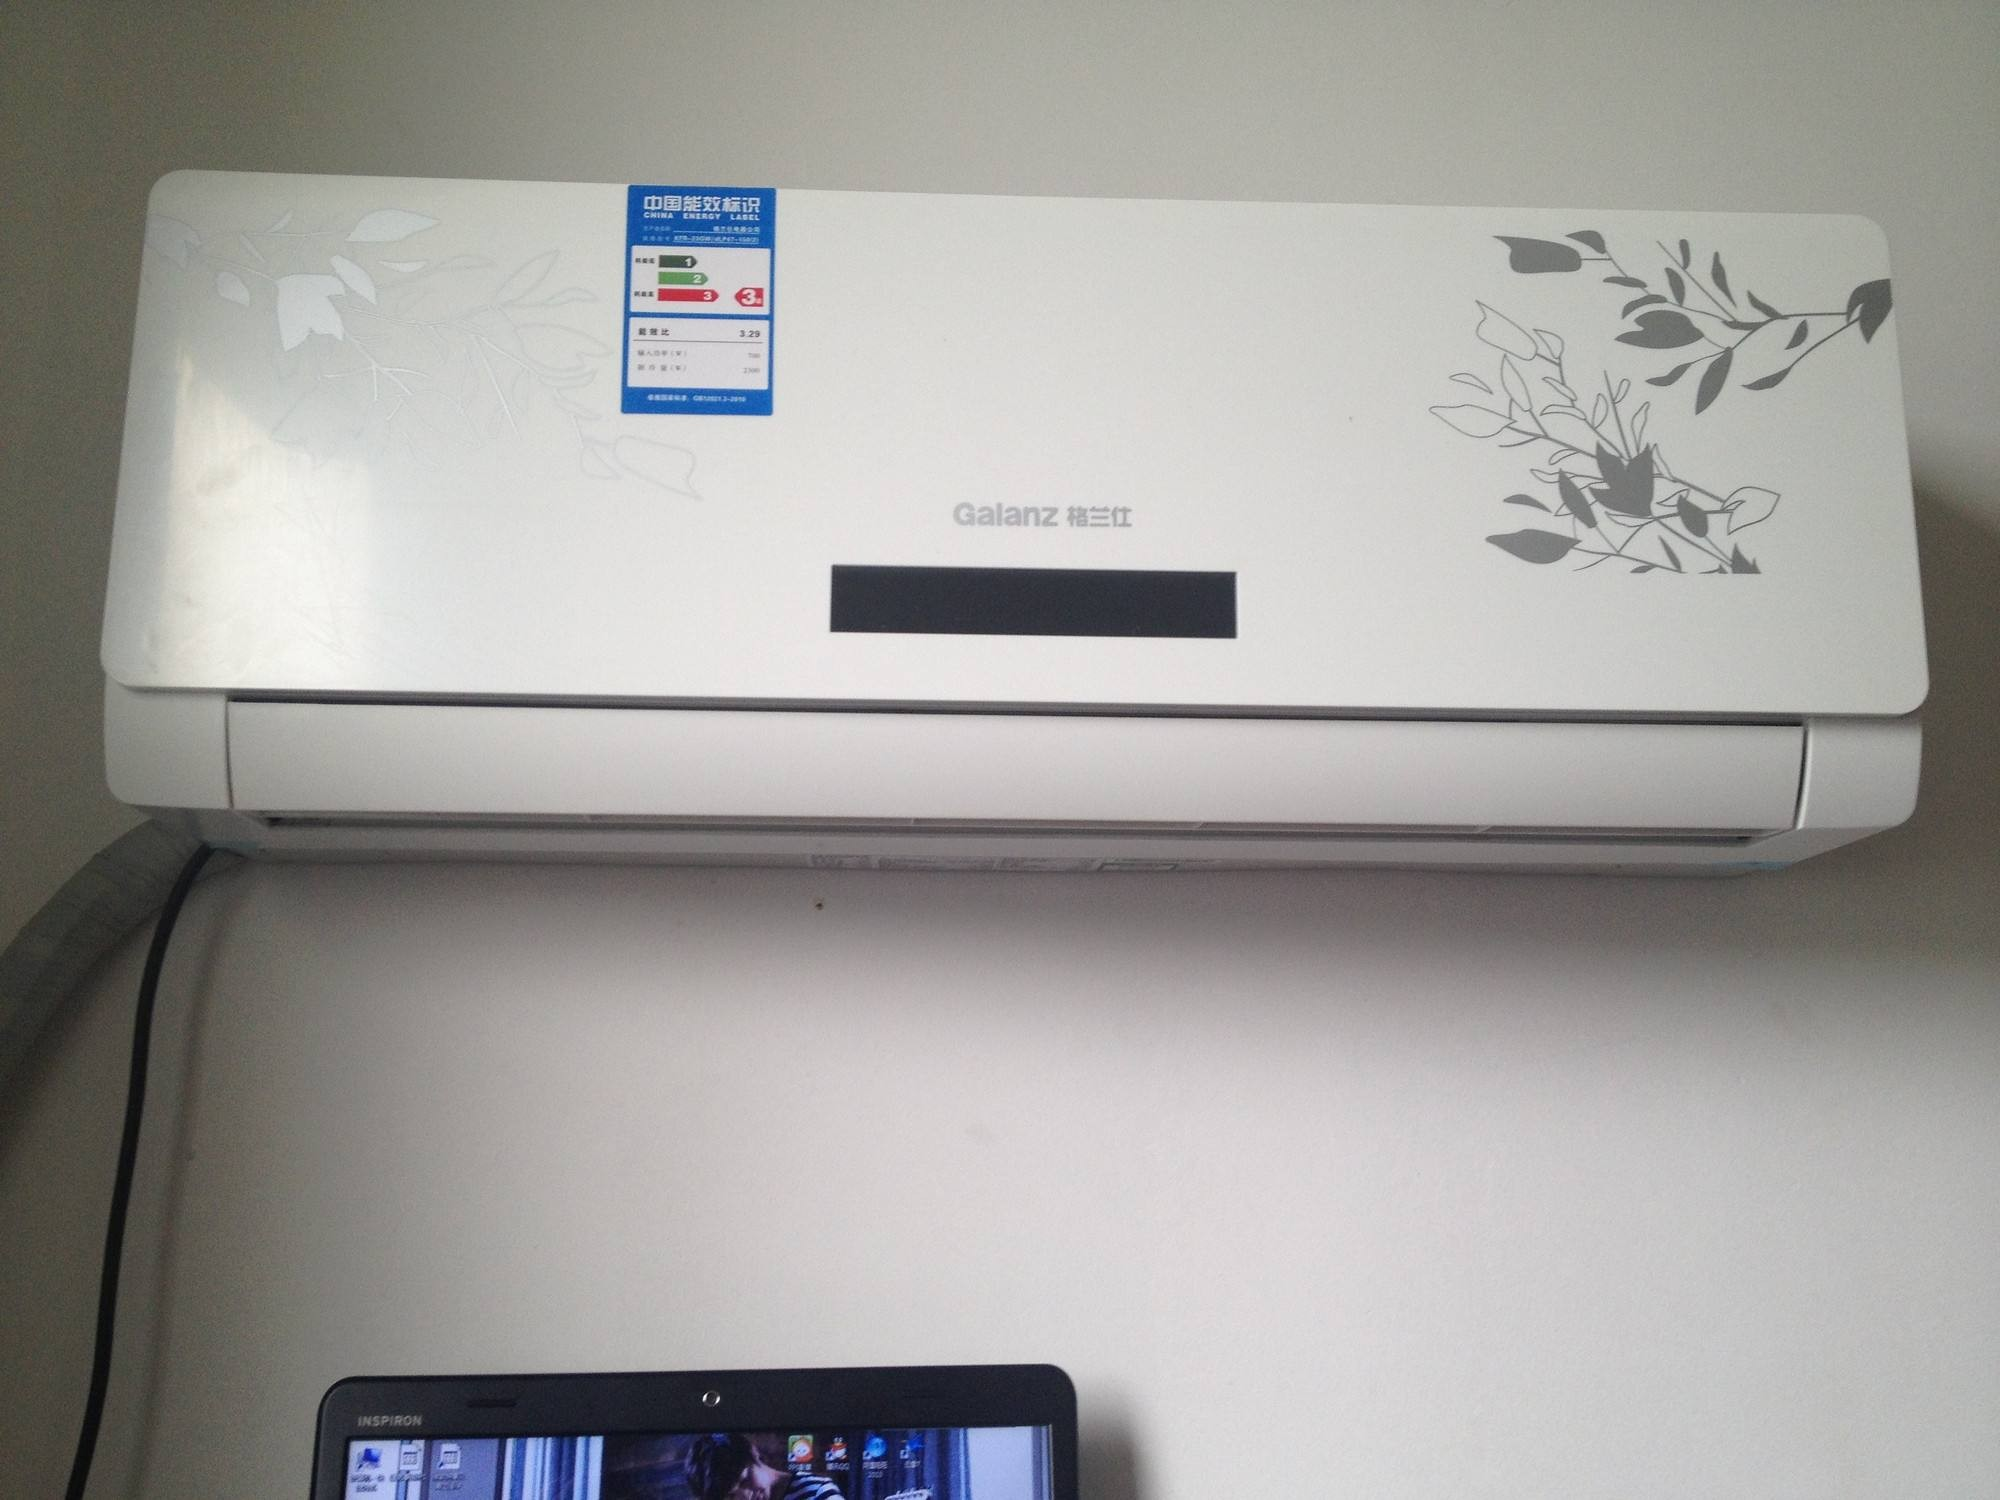 格兰仕空调怎么制热—格兰仕空调如何制热